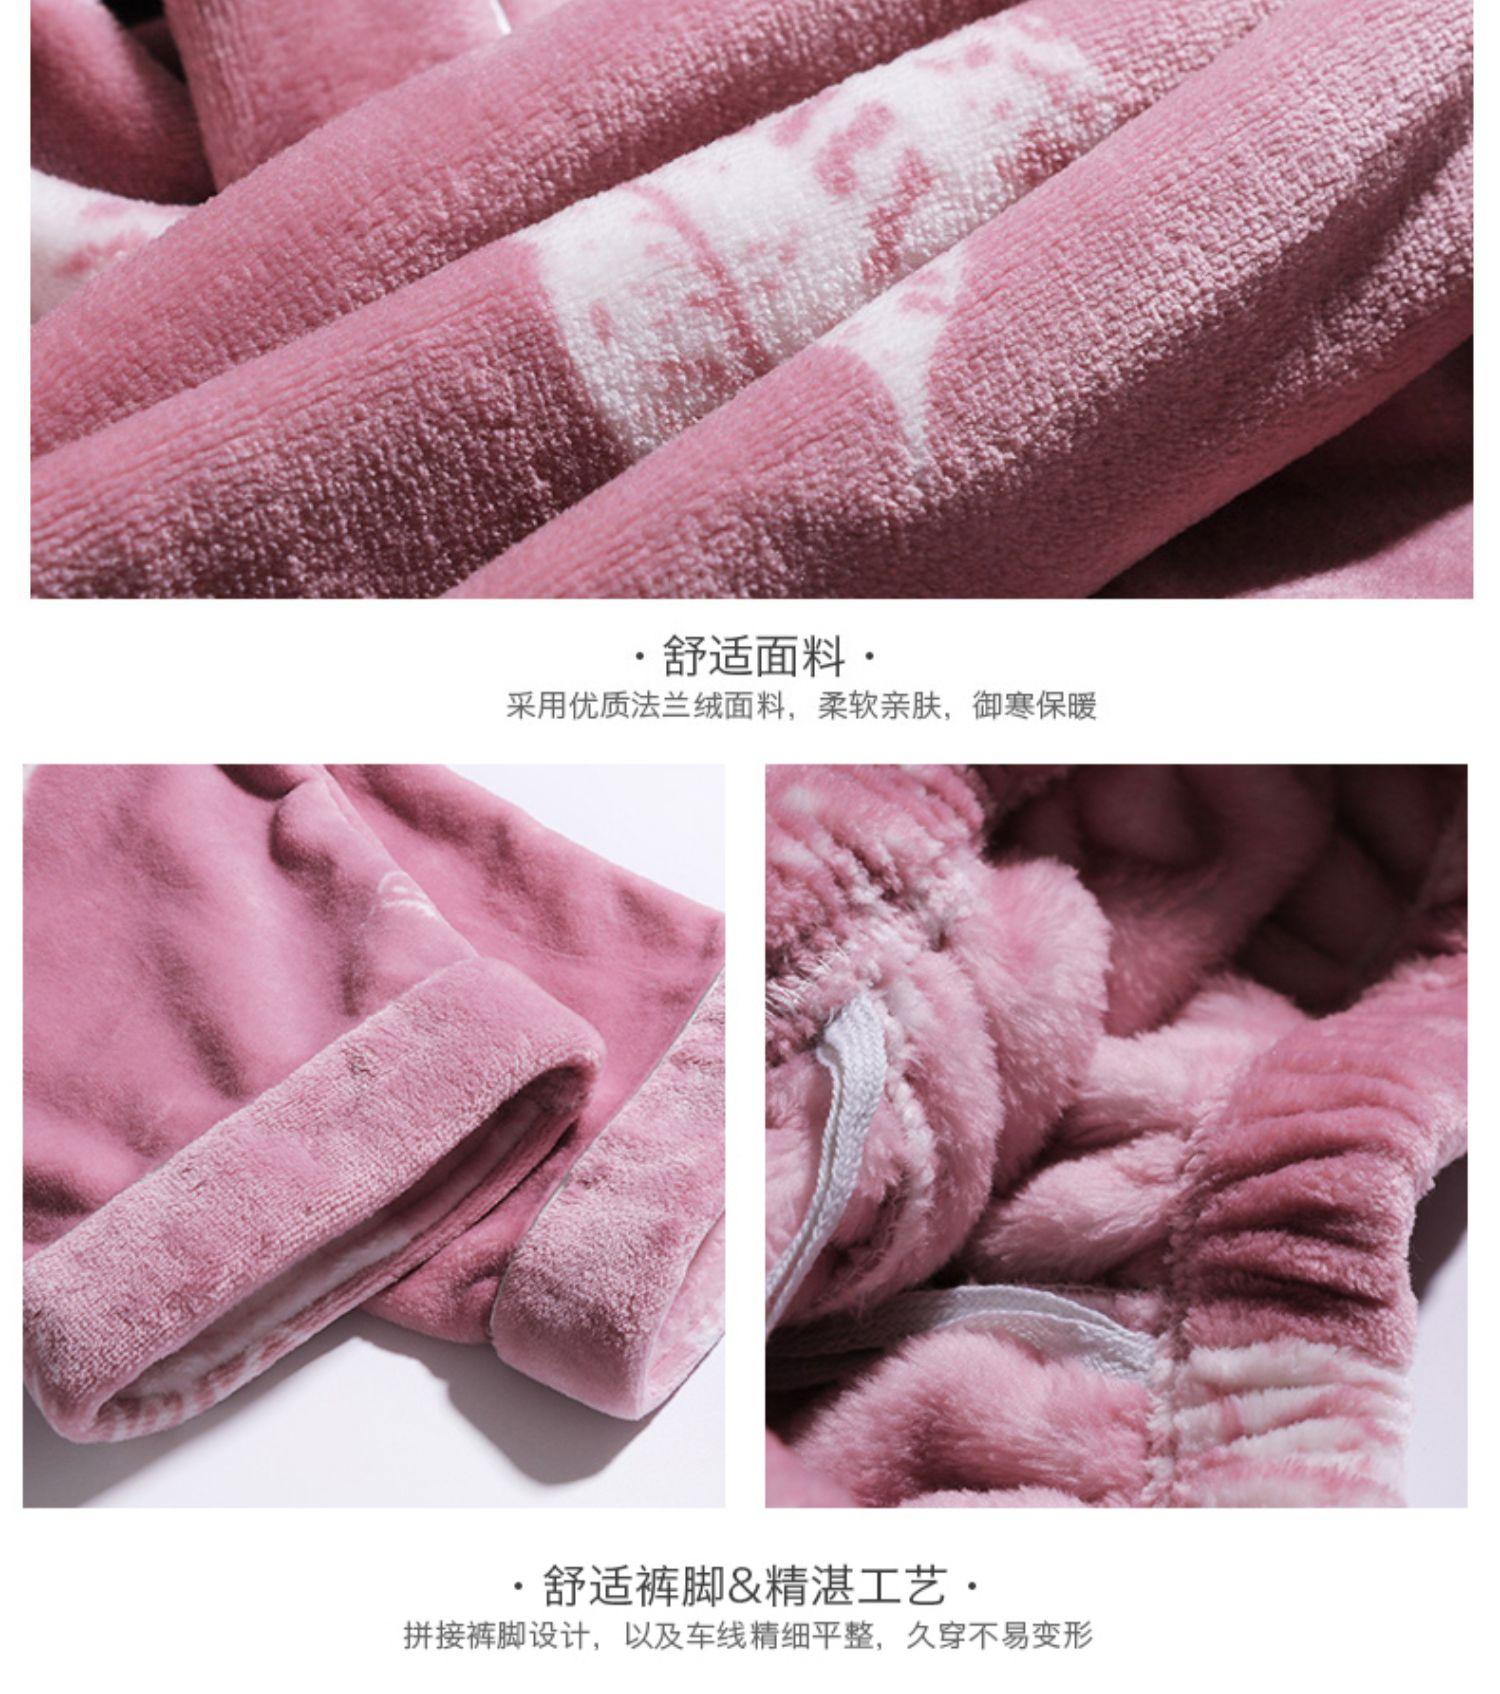 睡衣女士秋冬季珊瑚绒加厚加绒保暖法兰绒冬天家居服冬款中年妈妈商品详情图